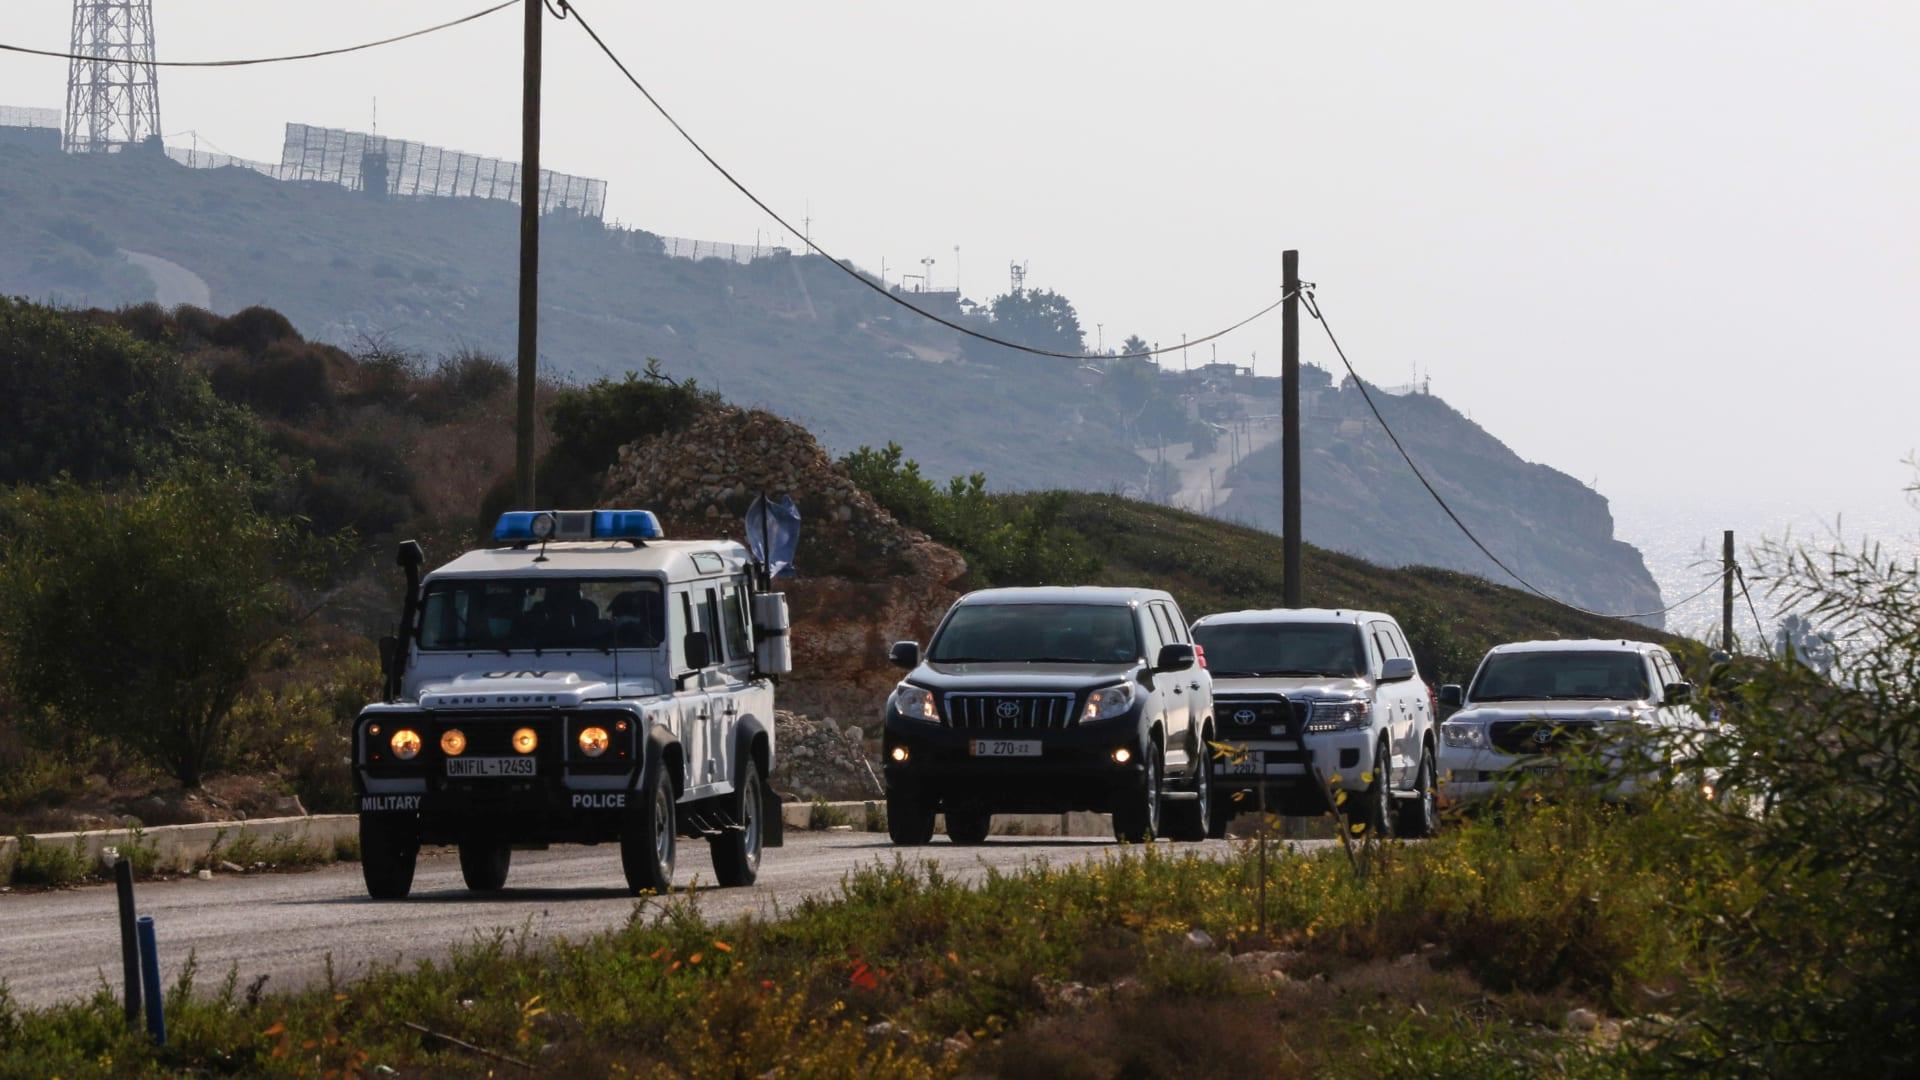 تمام سلام يتحدث لـCNN عن ترسيم الحدود البحرية بين لبنان وإسرائيل.. هذه توقعاته